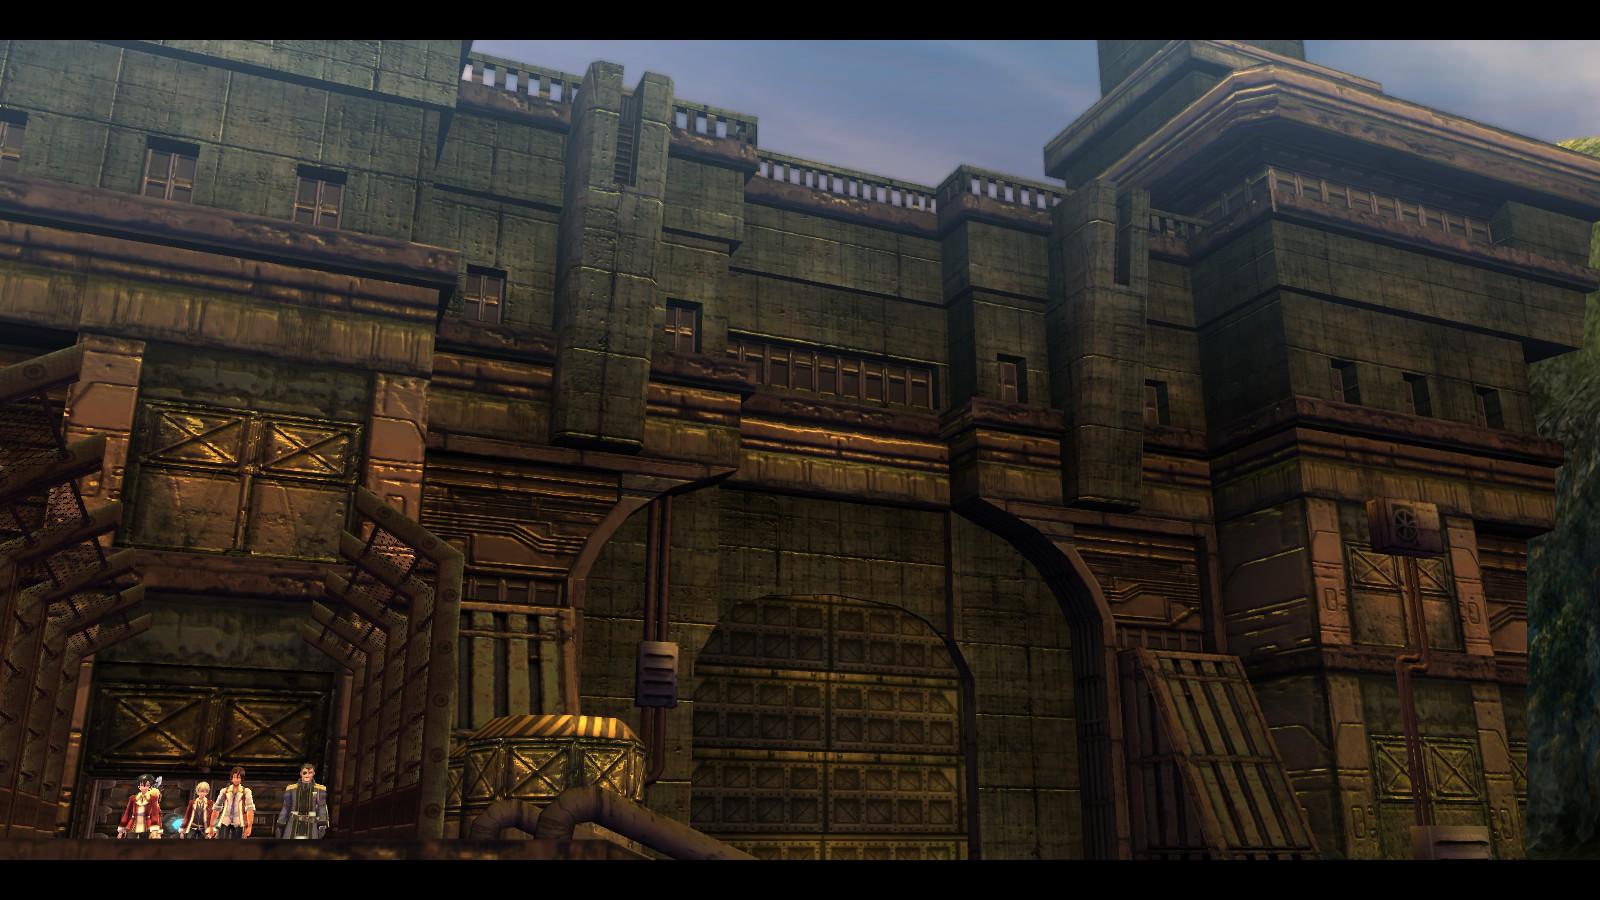 Zender Gate